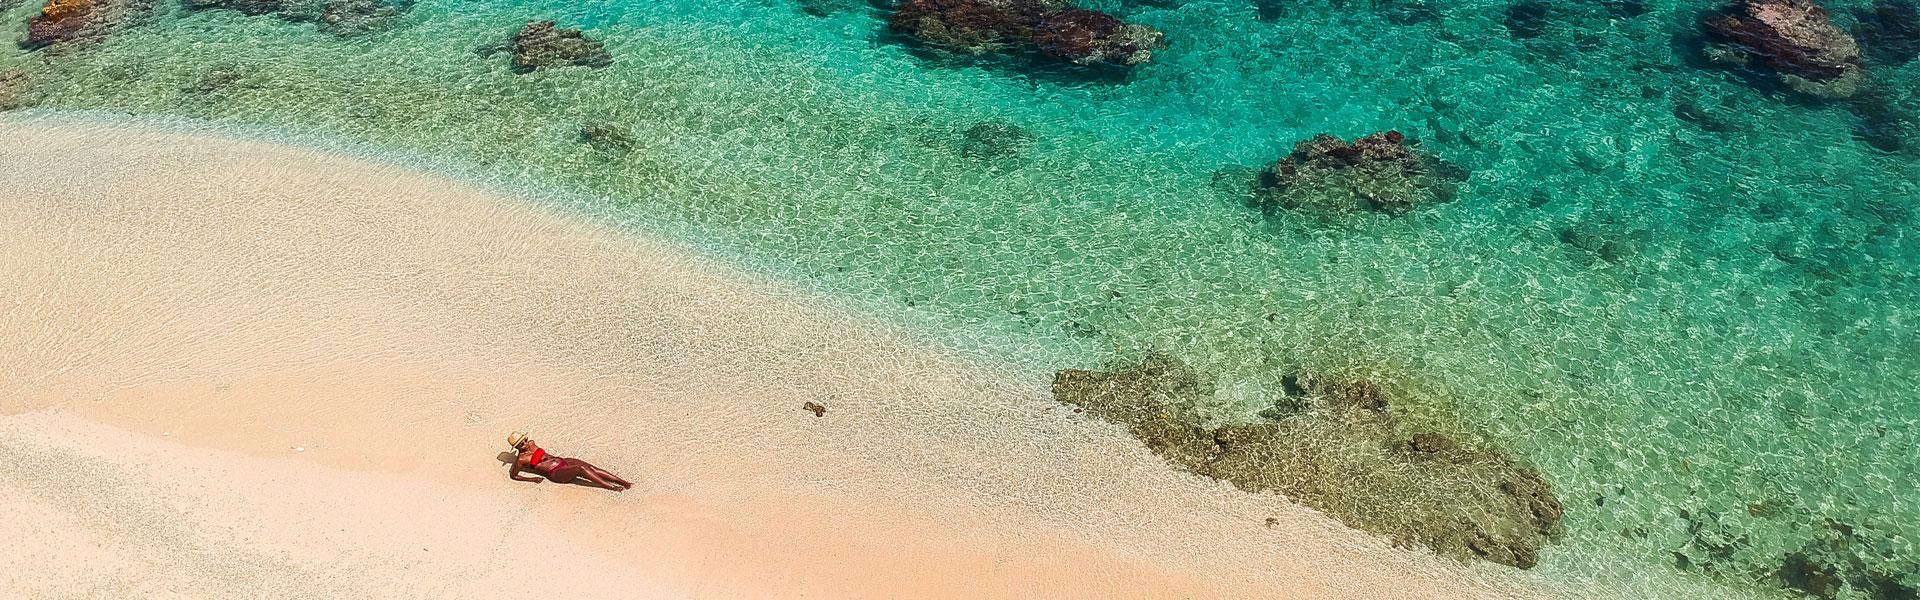 Dany-Island-Akhona